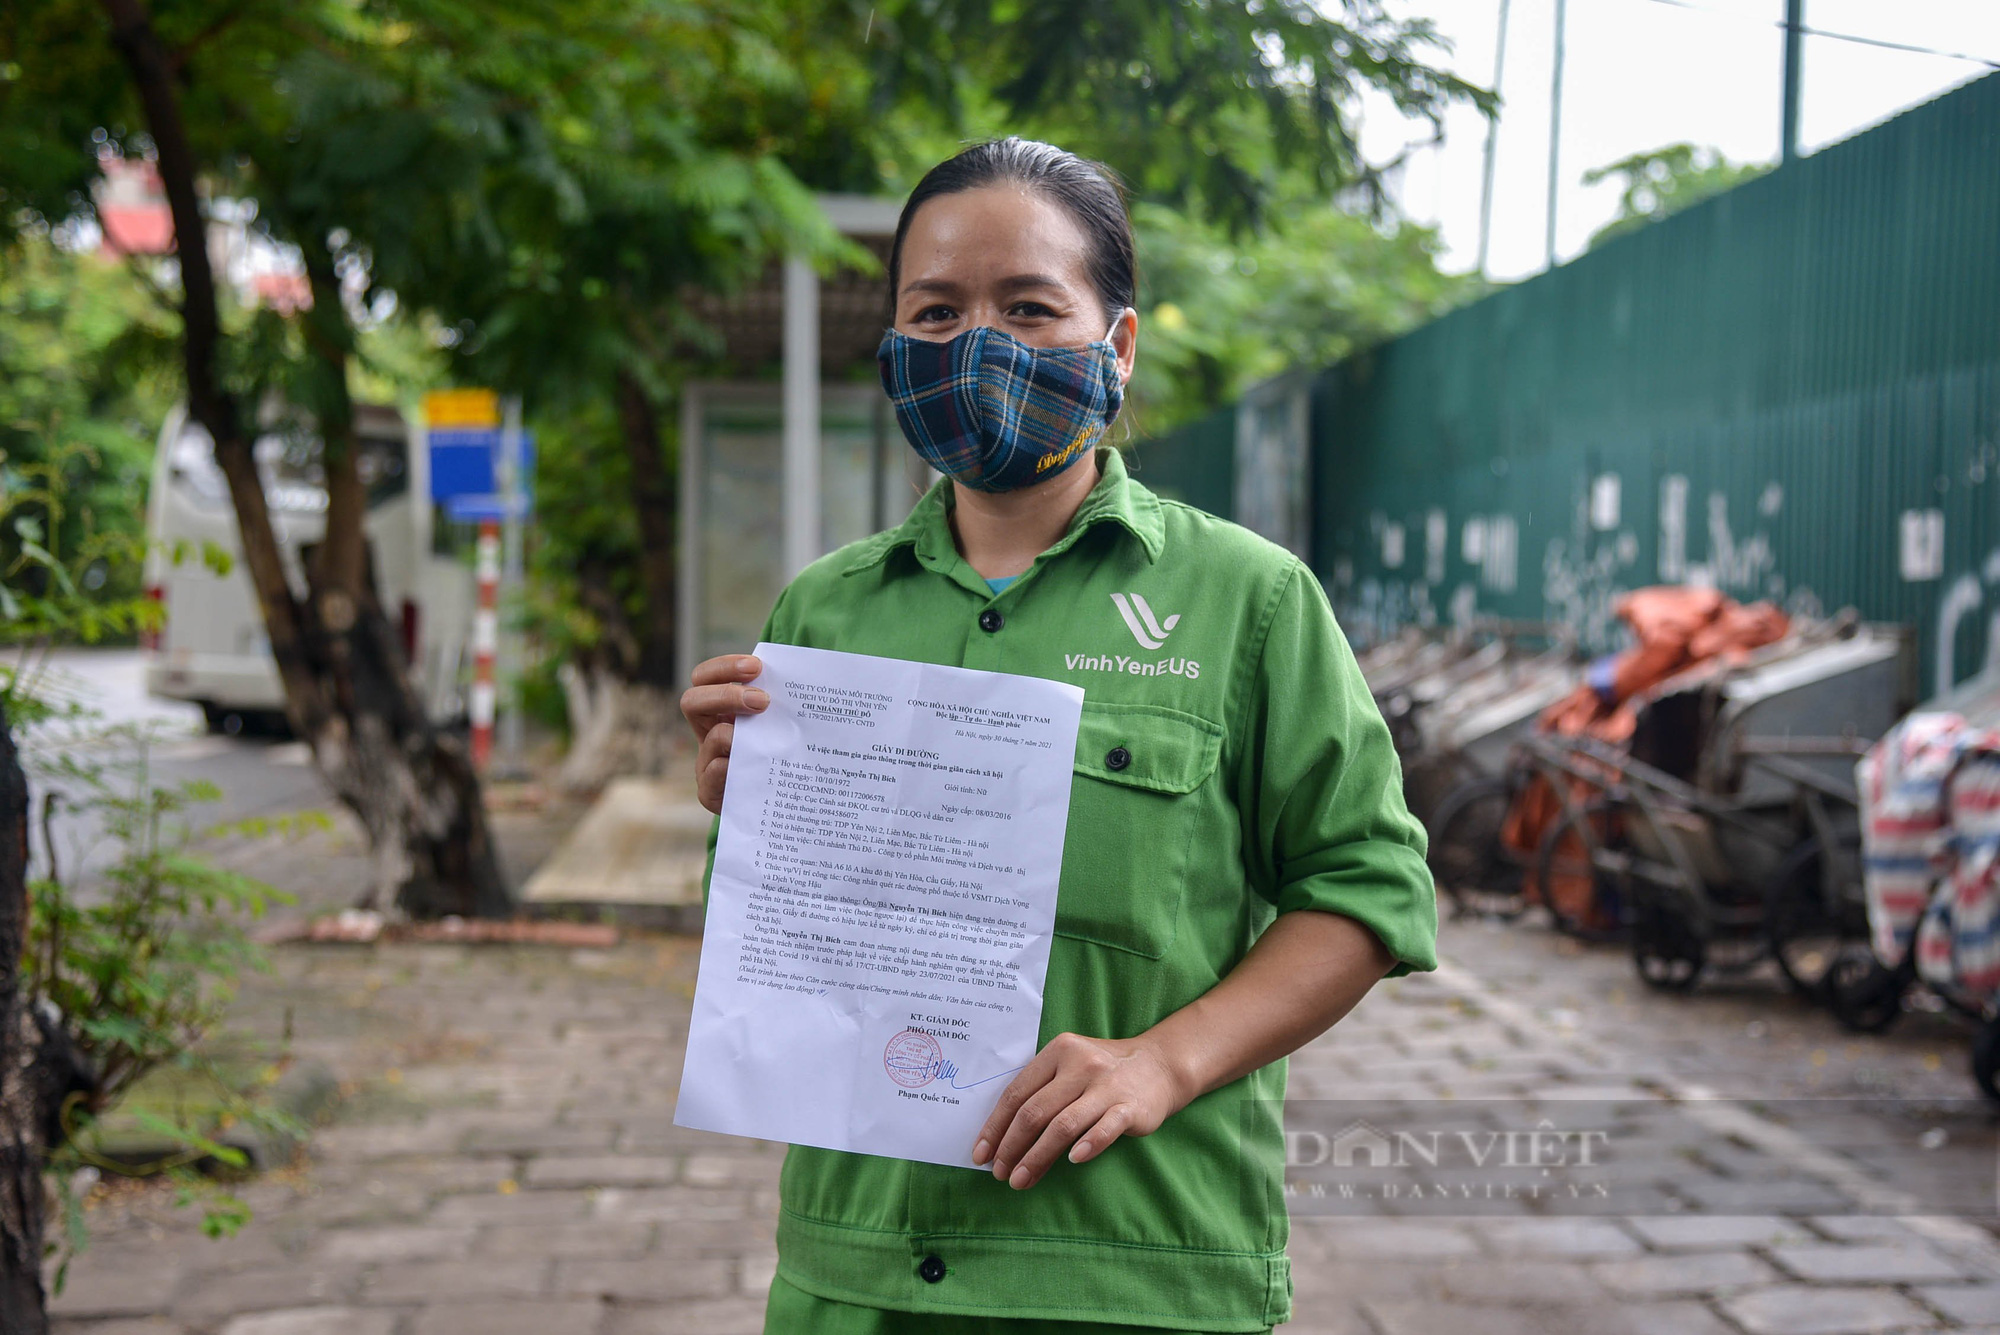 Công nhân vệ sinh môi trường: 'Thất thu' nhẹ mùa dịch, việc nhiều hơn - Ảnh 5.